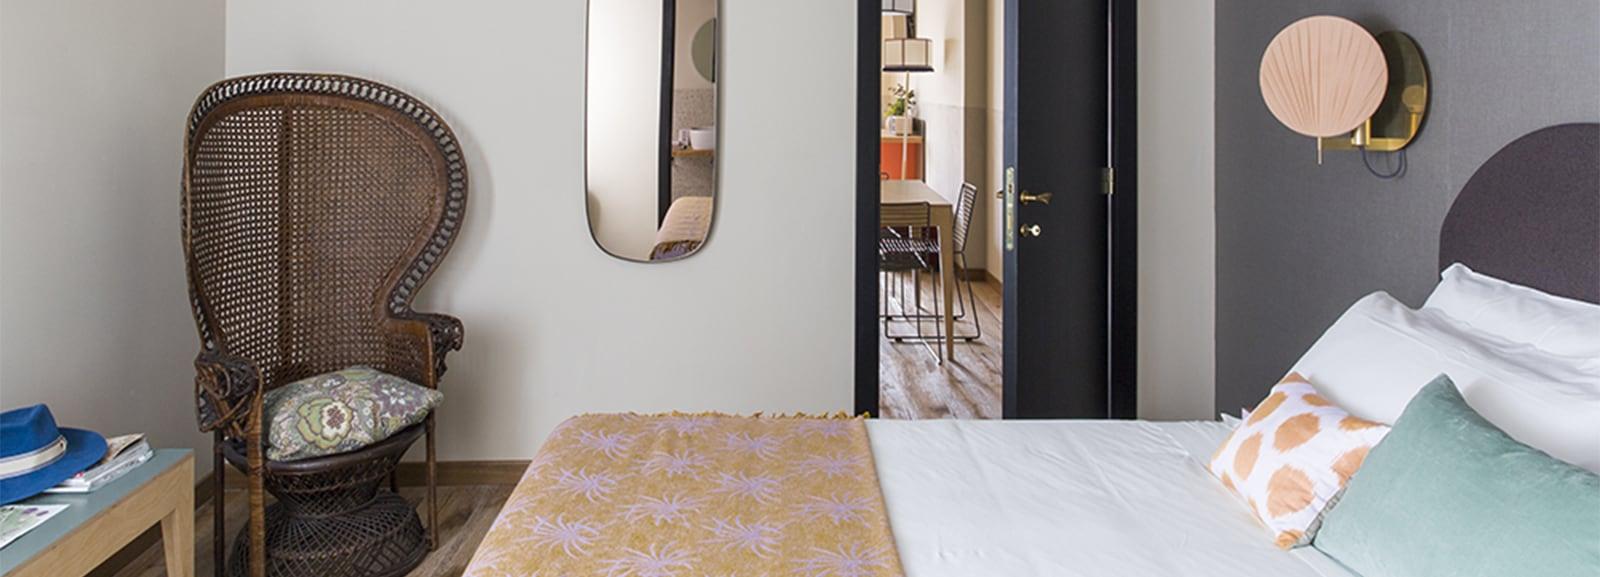 condominio-monti-hotel-Roma-cover-desktop